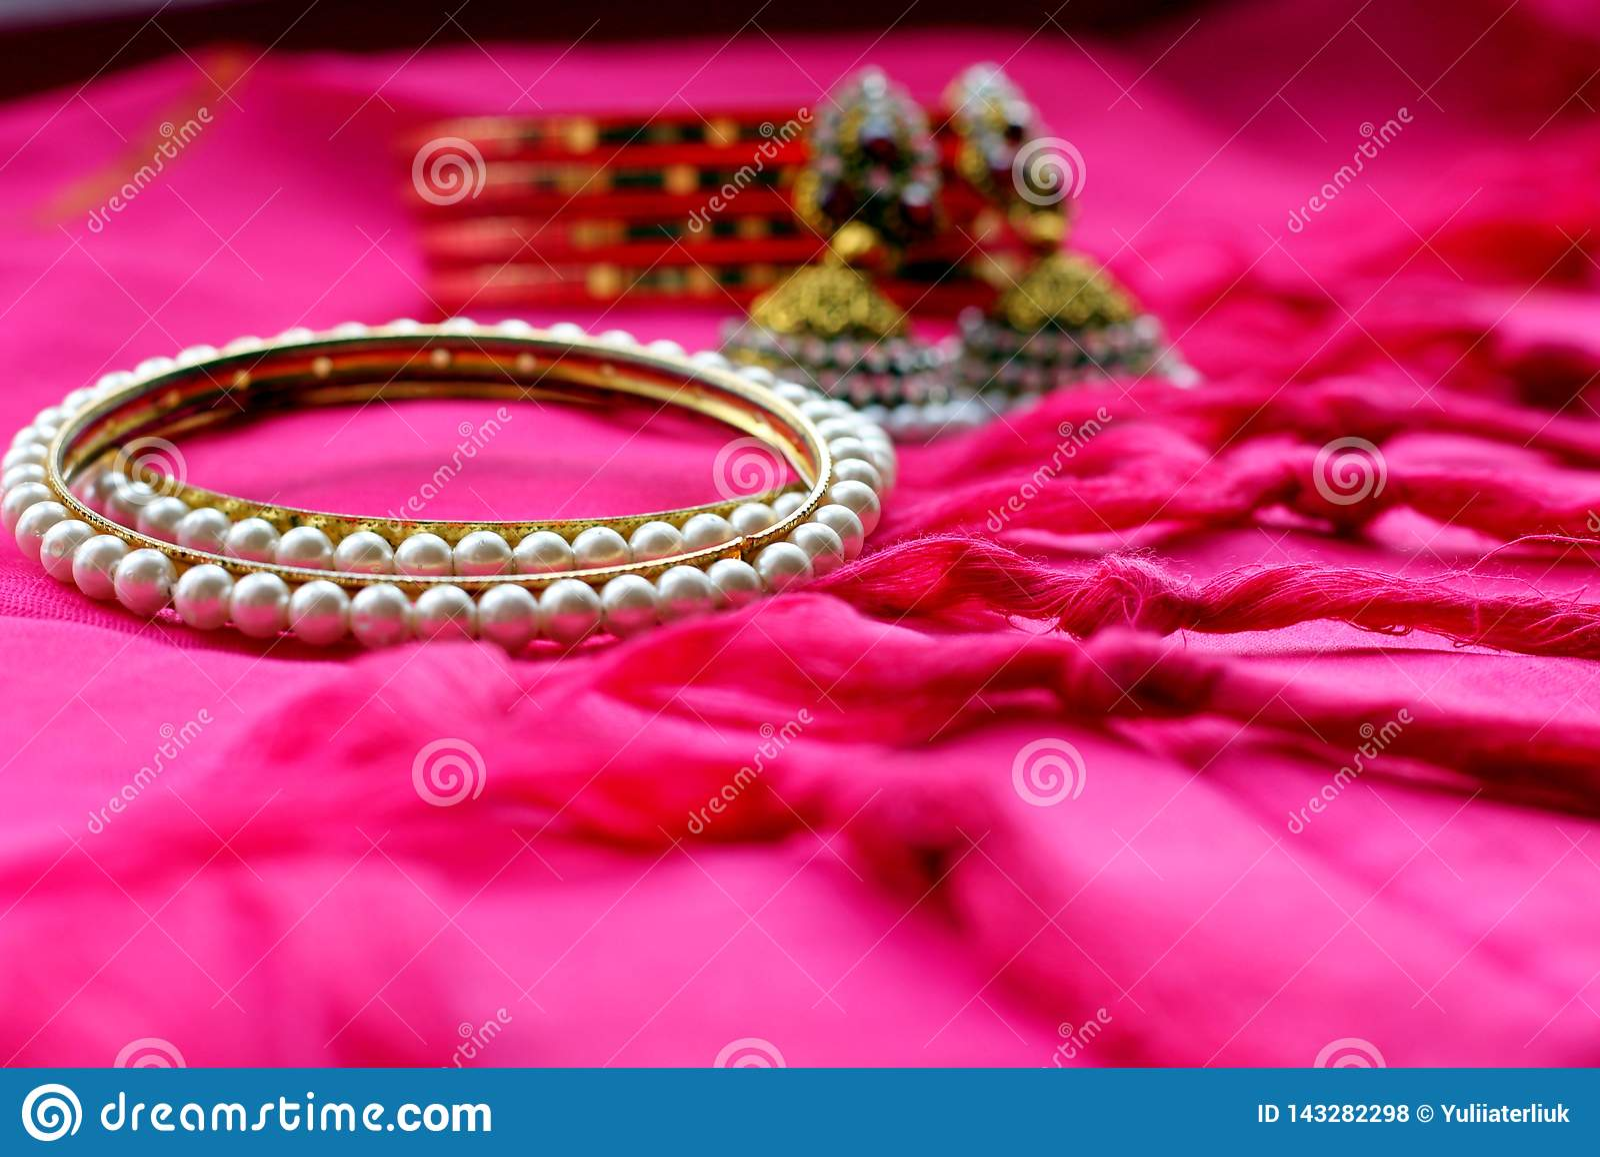 Braceletes e brincos étnicos indianos da joia na tela cor-de-rosa